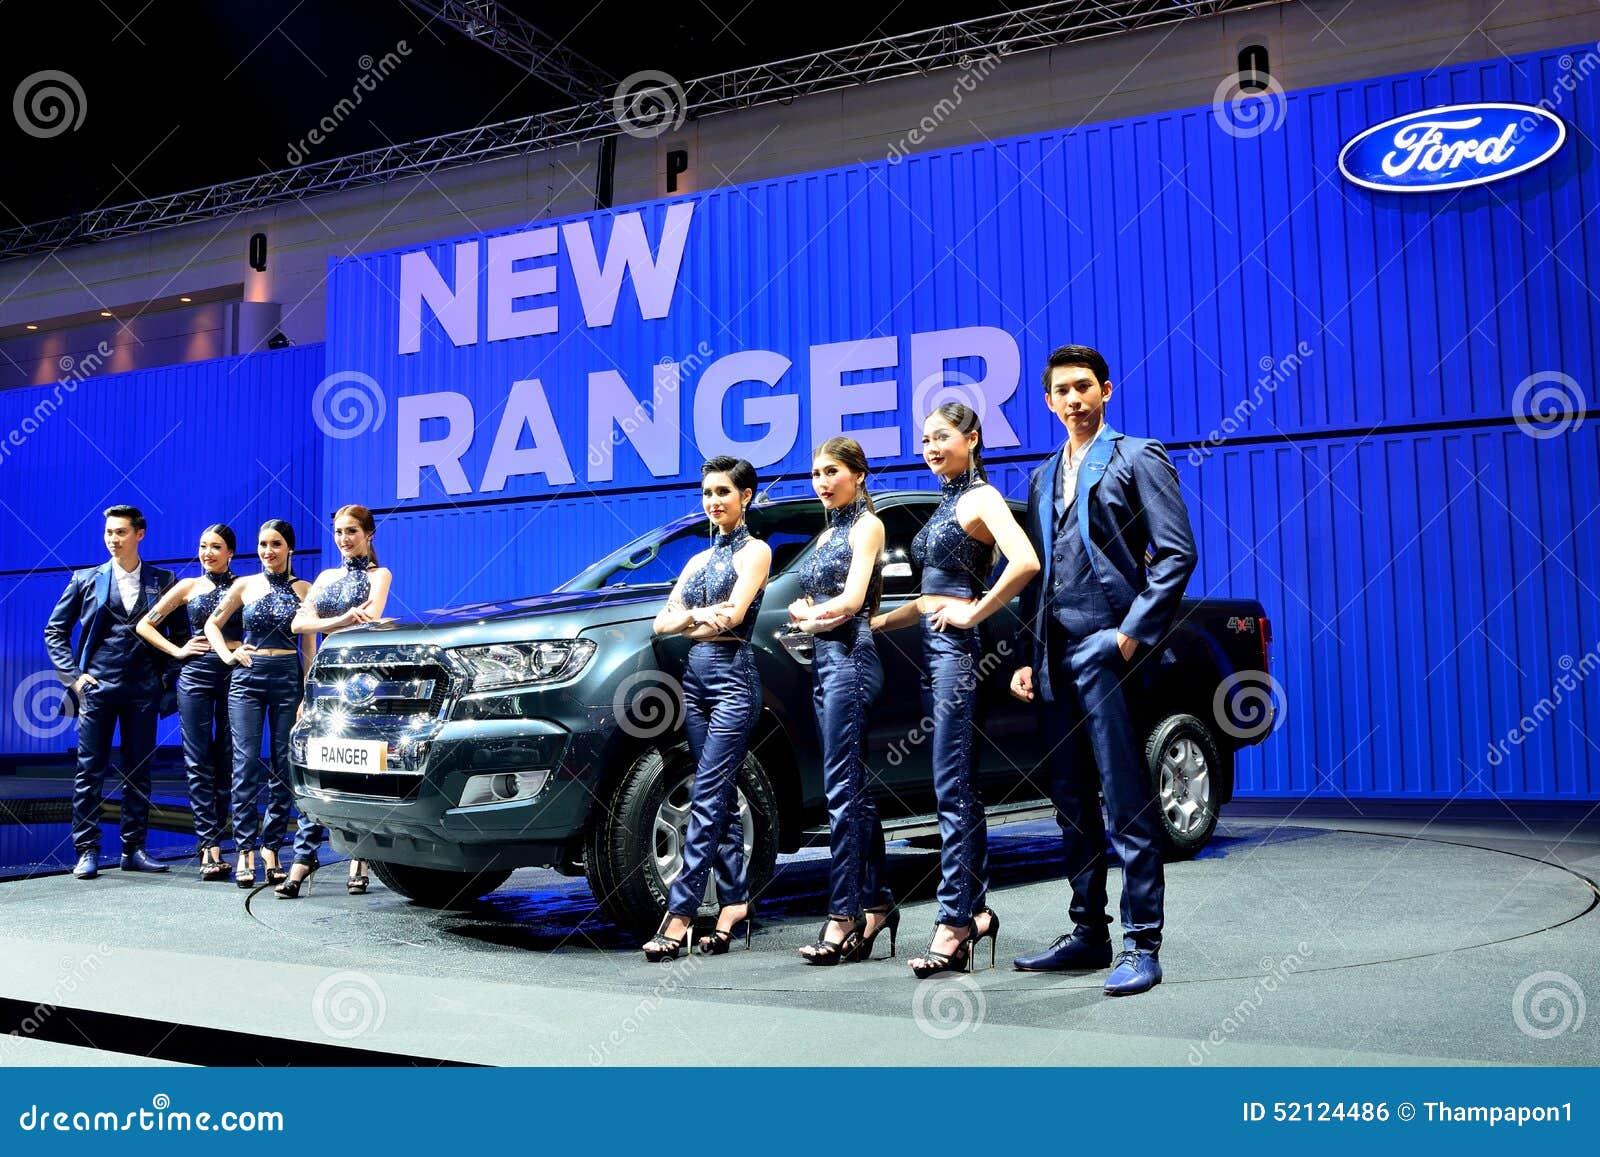 bangkok 26 m rz neuer ford ranger heben lkw mit mann. Black Bedroom Furniture Sets. Home Design Ideas